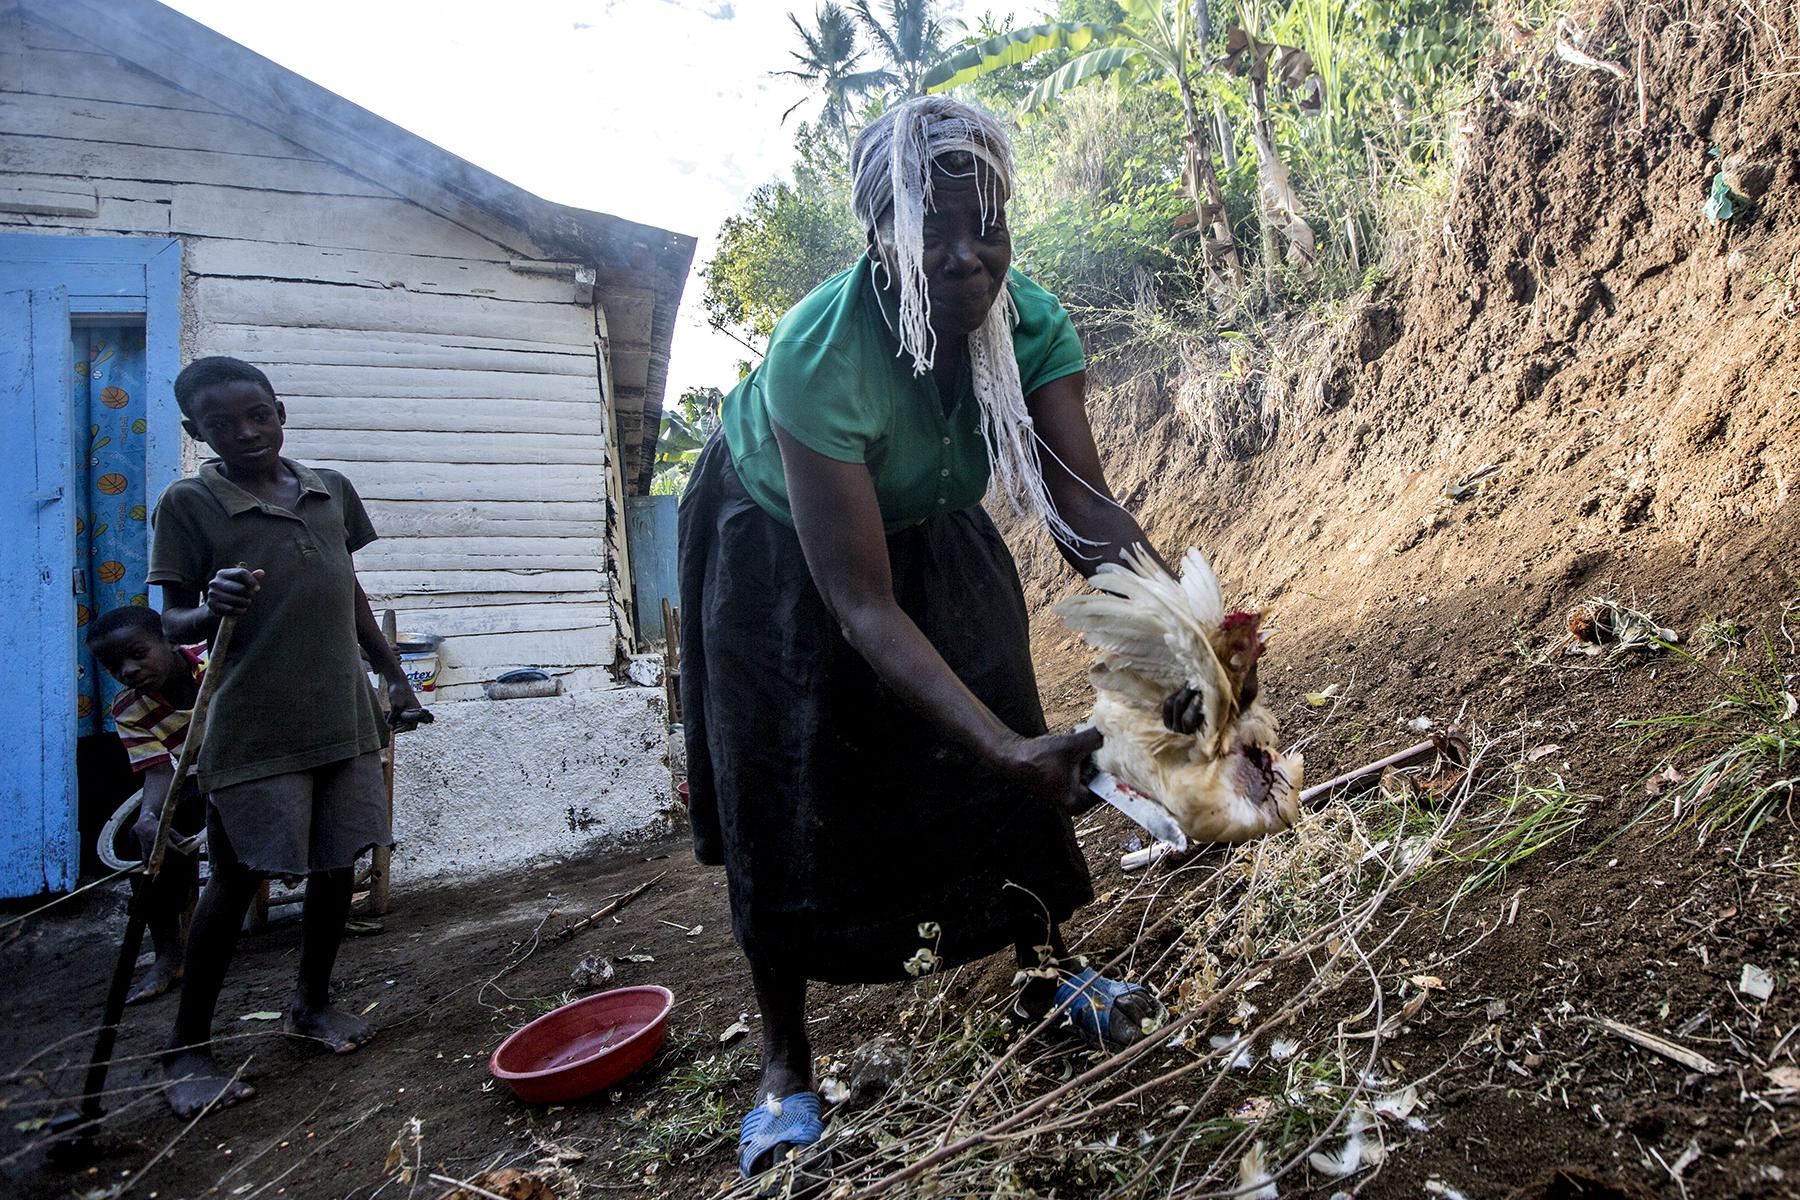 NEW 021614 Haiti Life in Demier 12jp.jpg